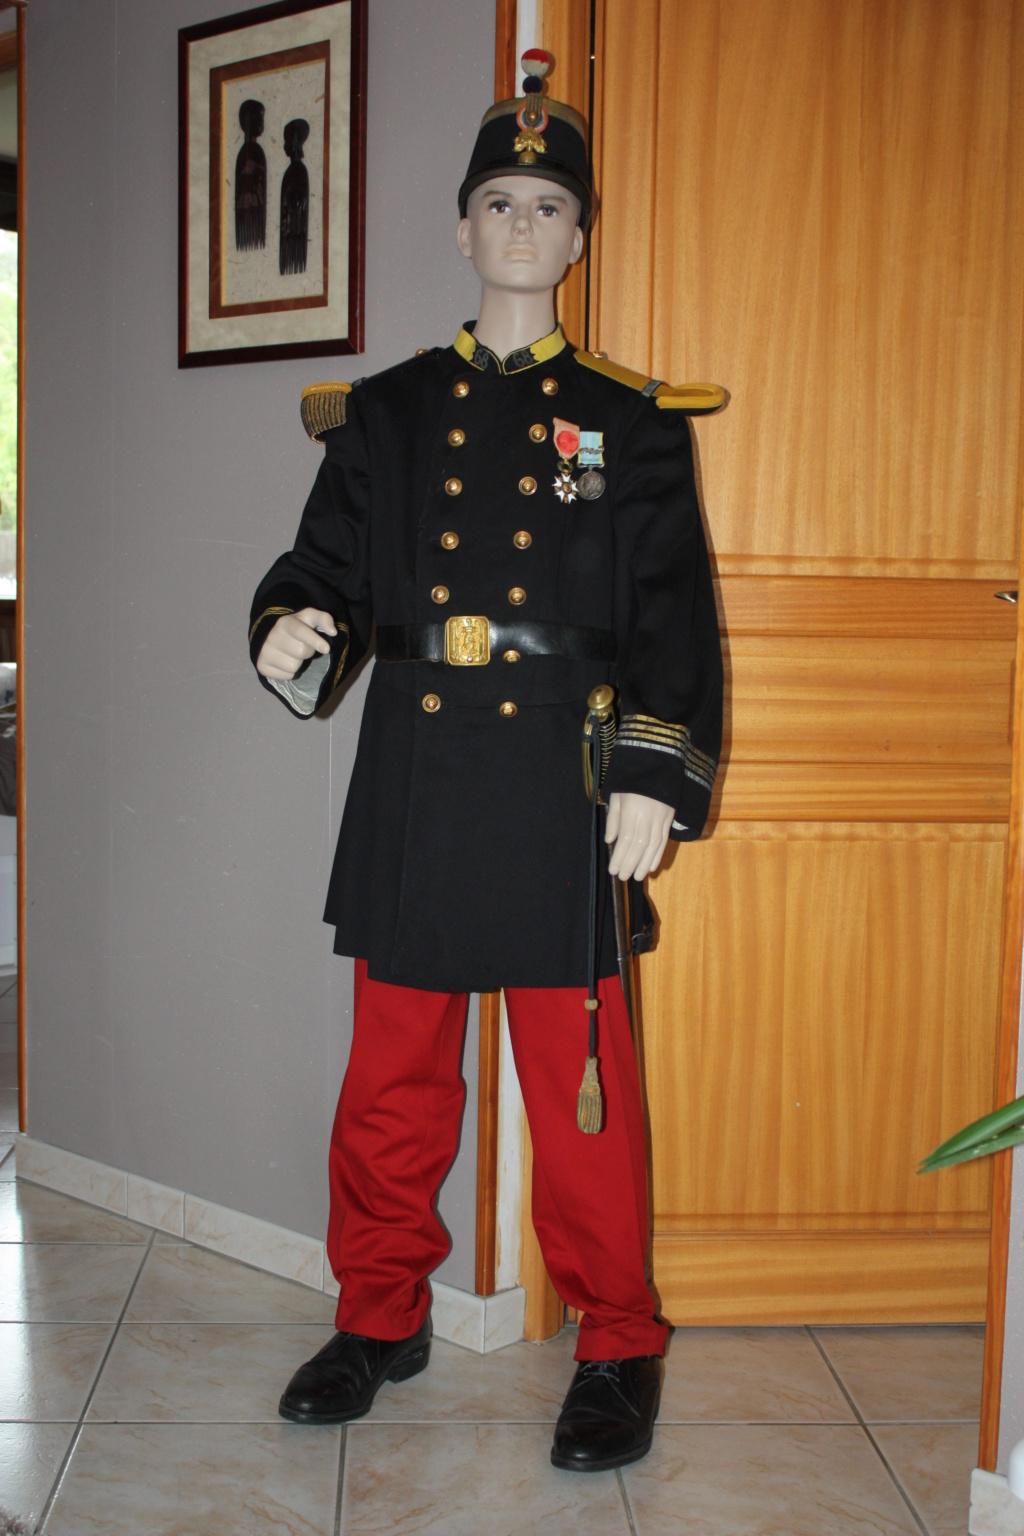 l'uniforme 1872 de mon arrière arrière grand père  - Page 2 Unifor15